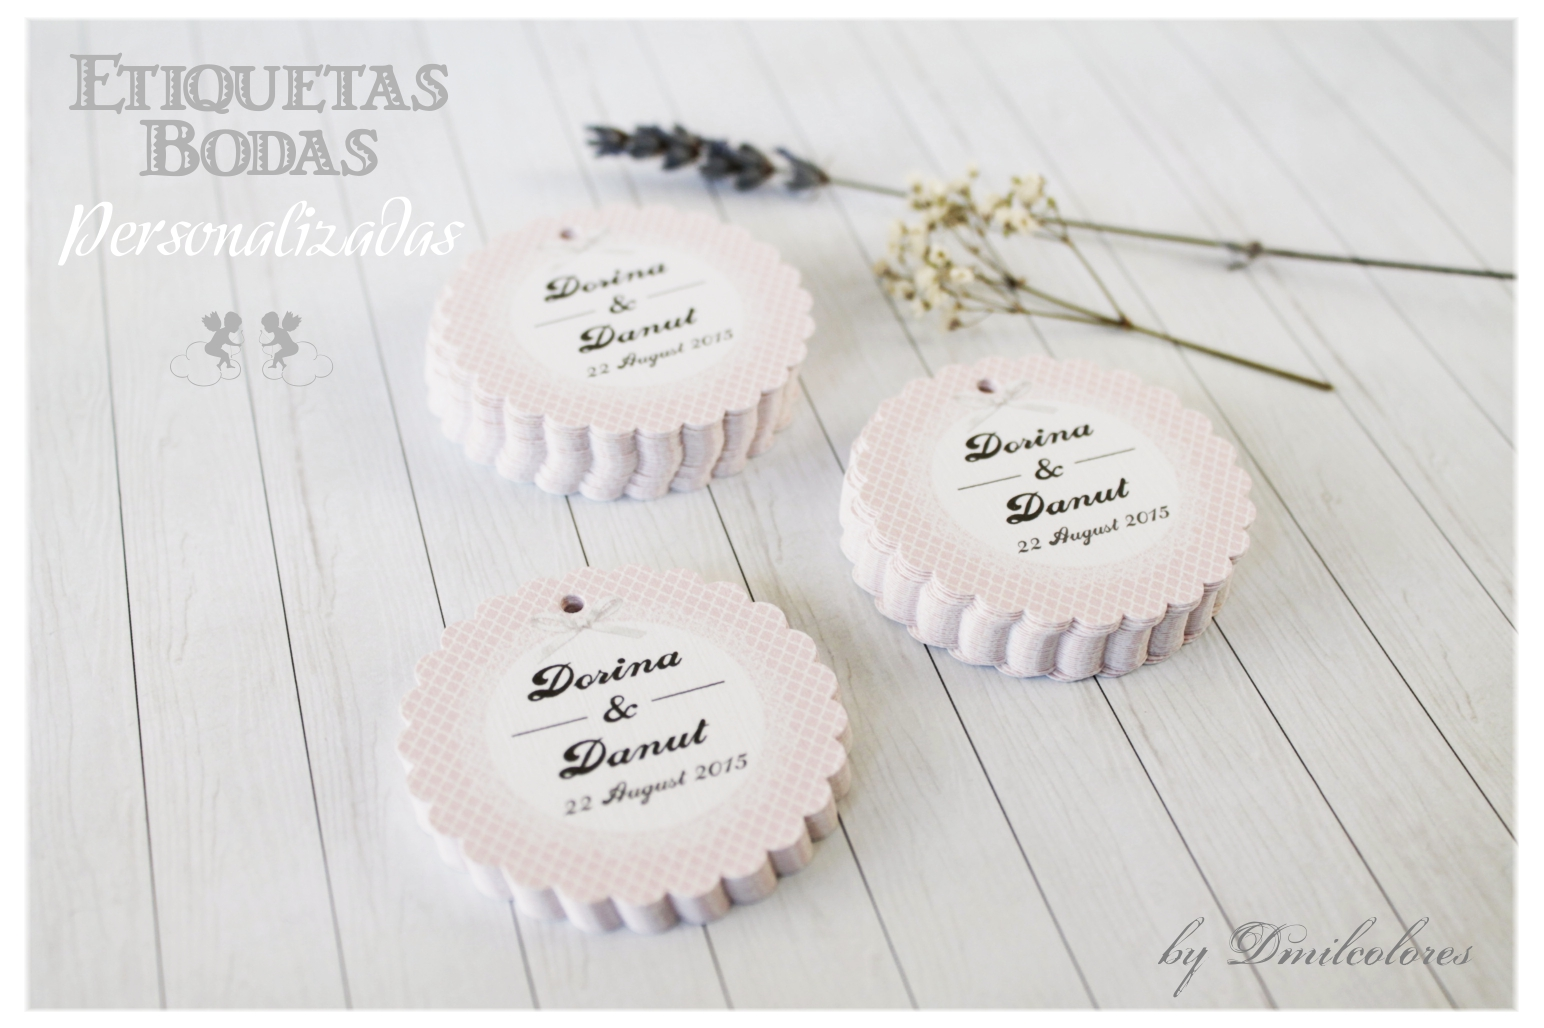 etiquetas bodas detalles